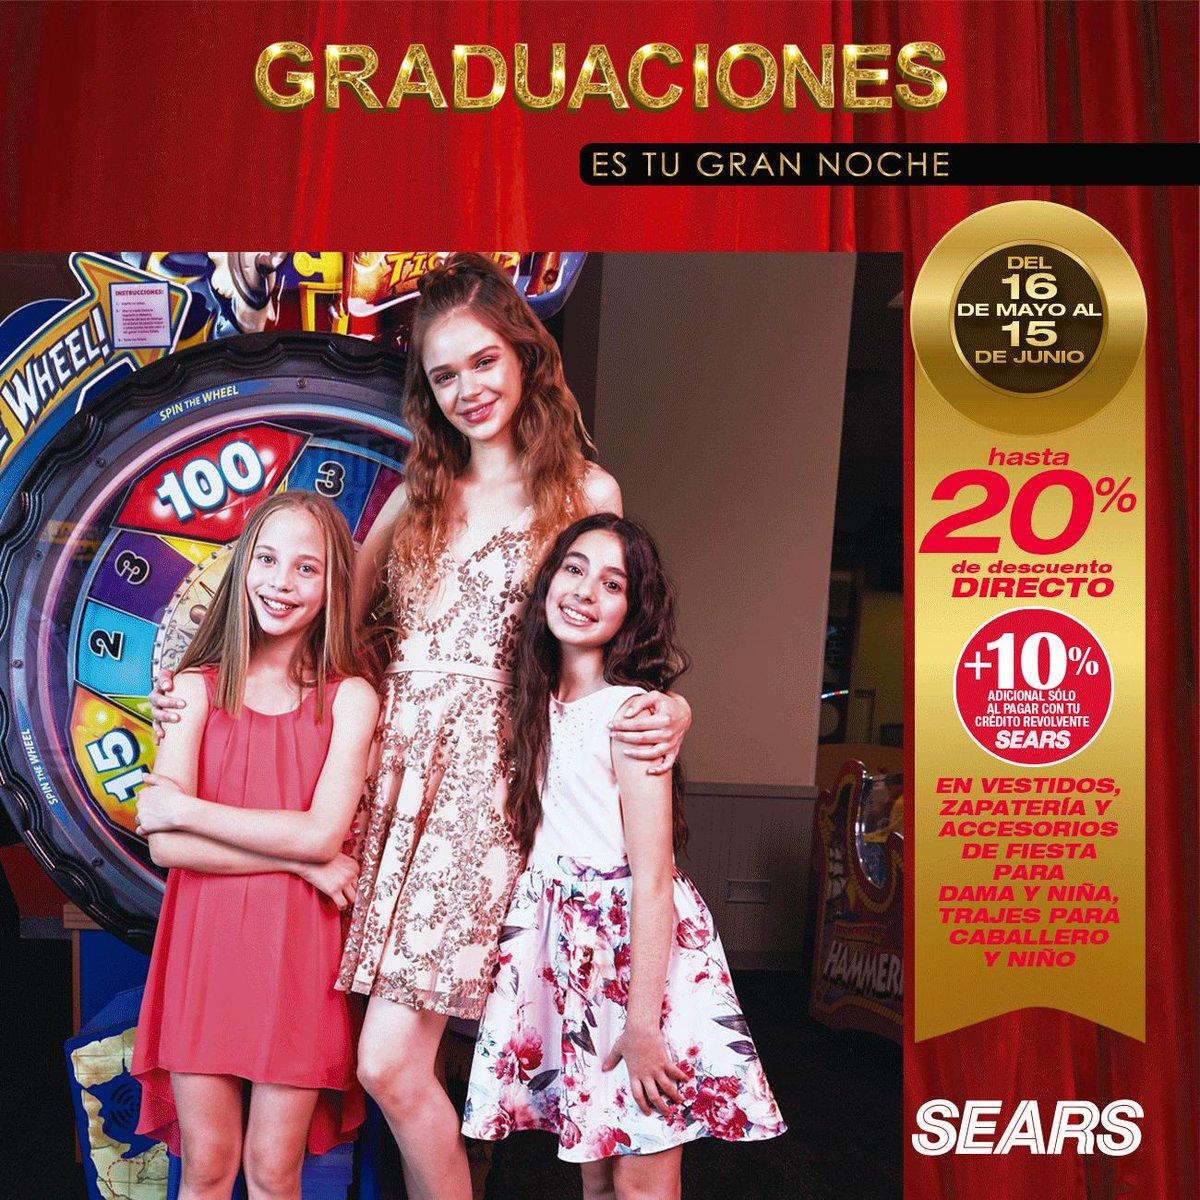 25bed9635 Una noche tan especial amerita un vestido especial. 😍 ¡Ven a Sears y  encuentra